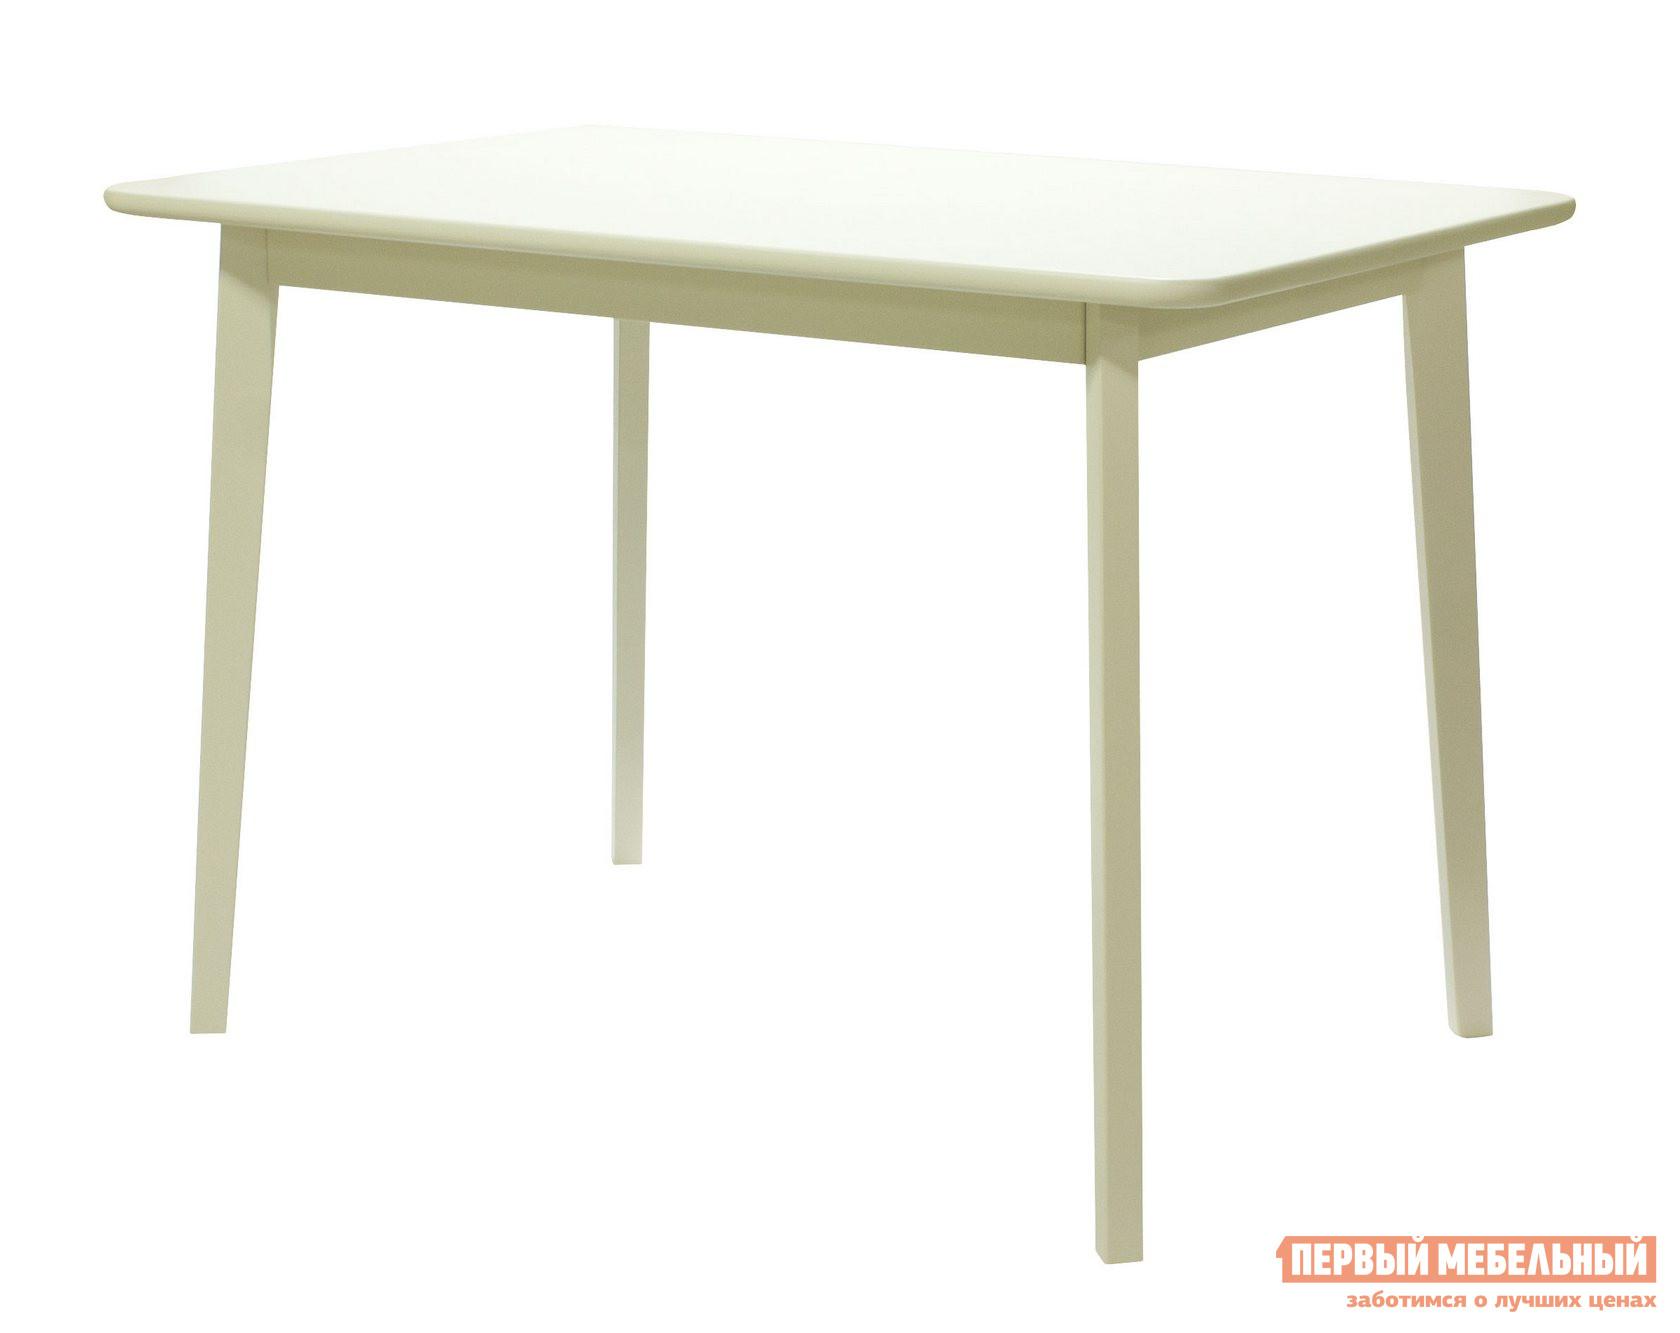 Обеденный стол Mebwill Стол Пегас (Прованс)